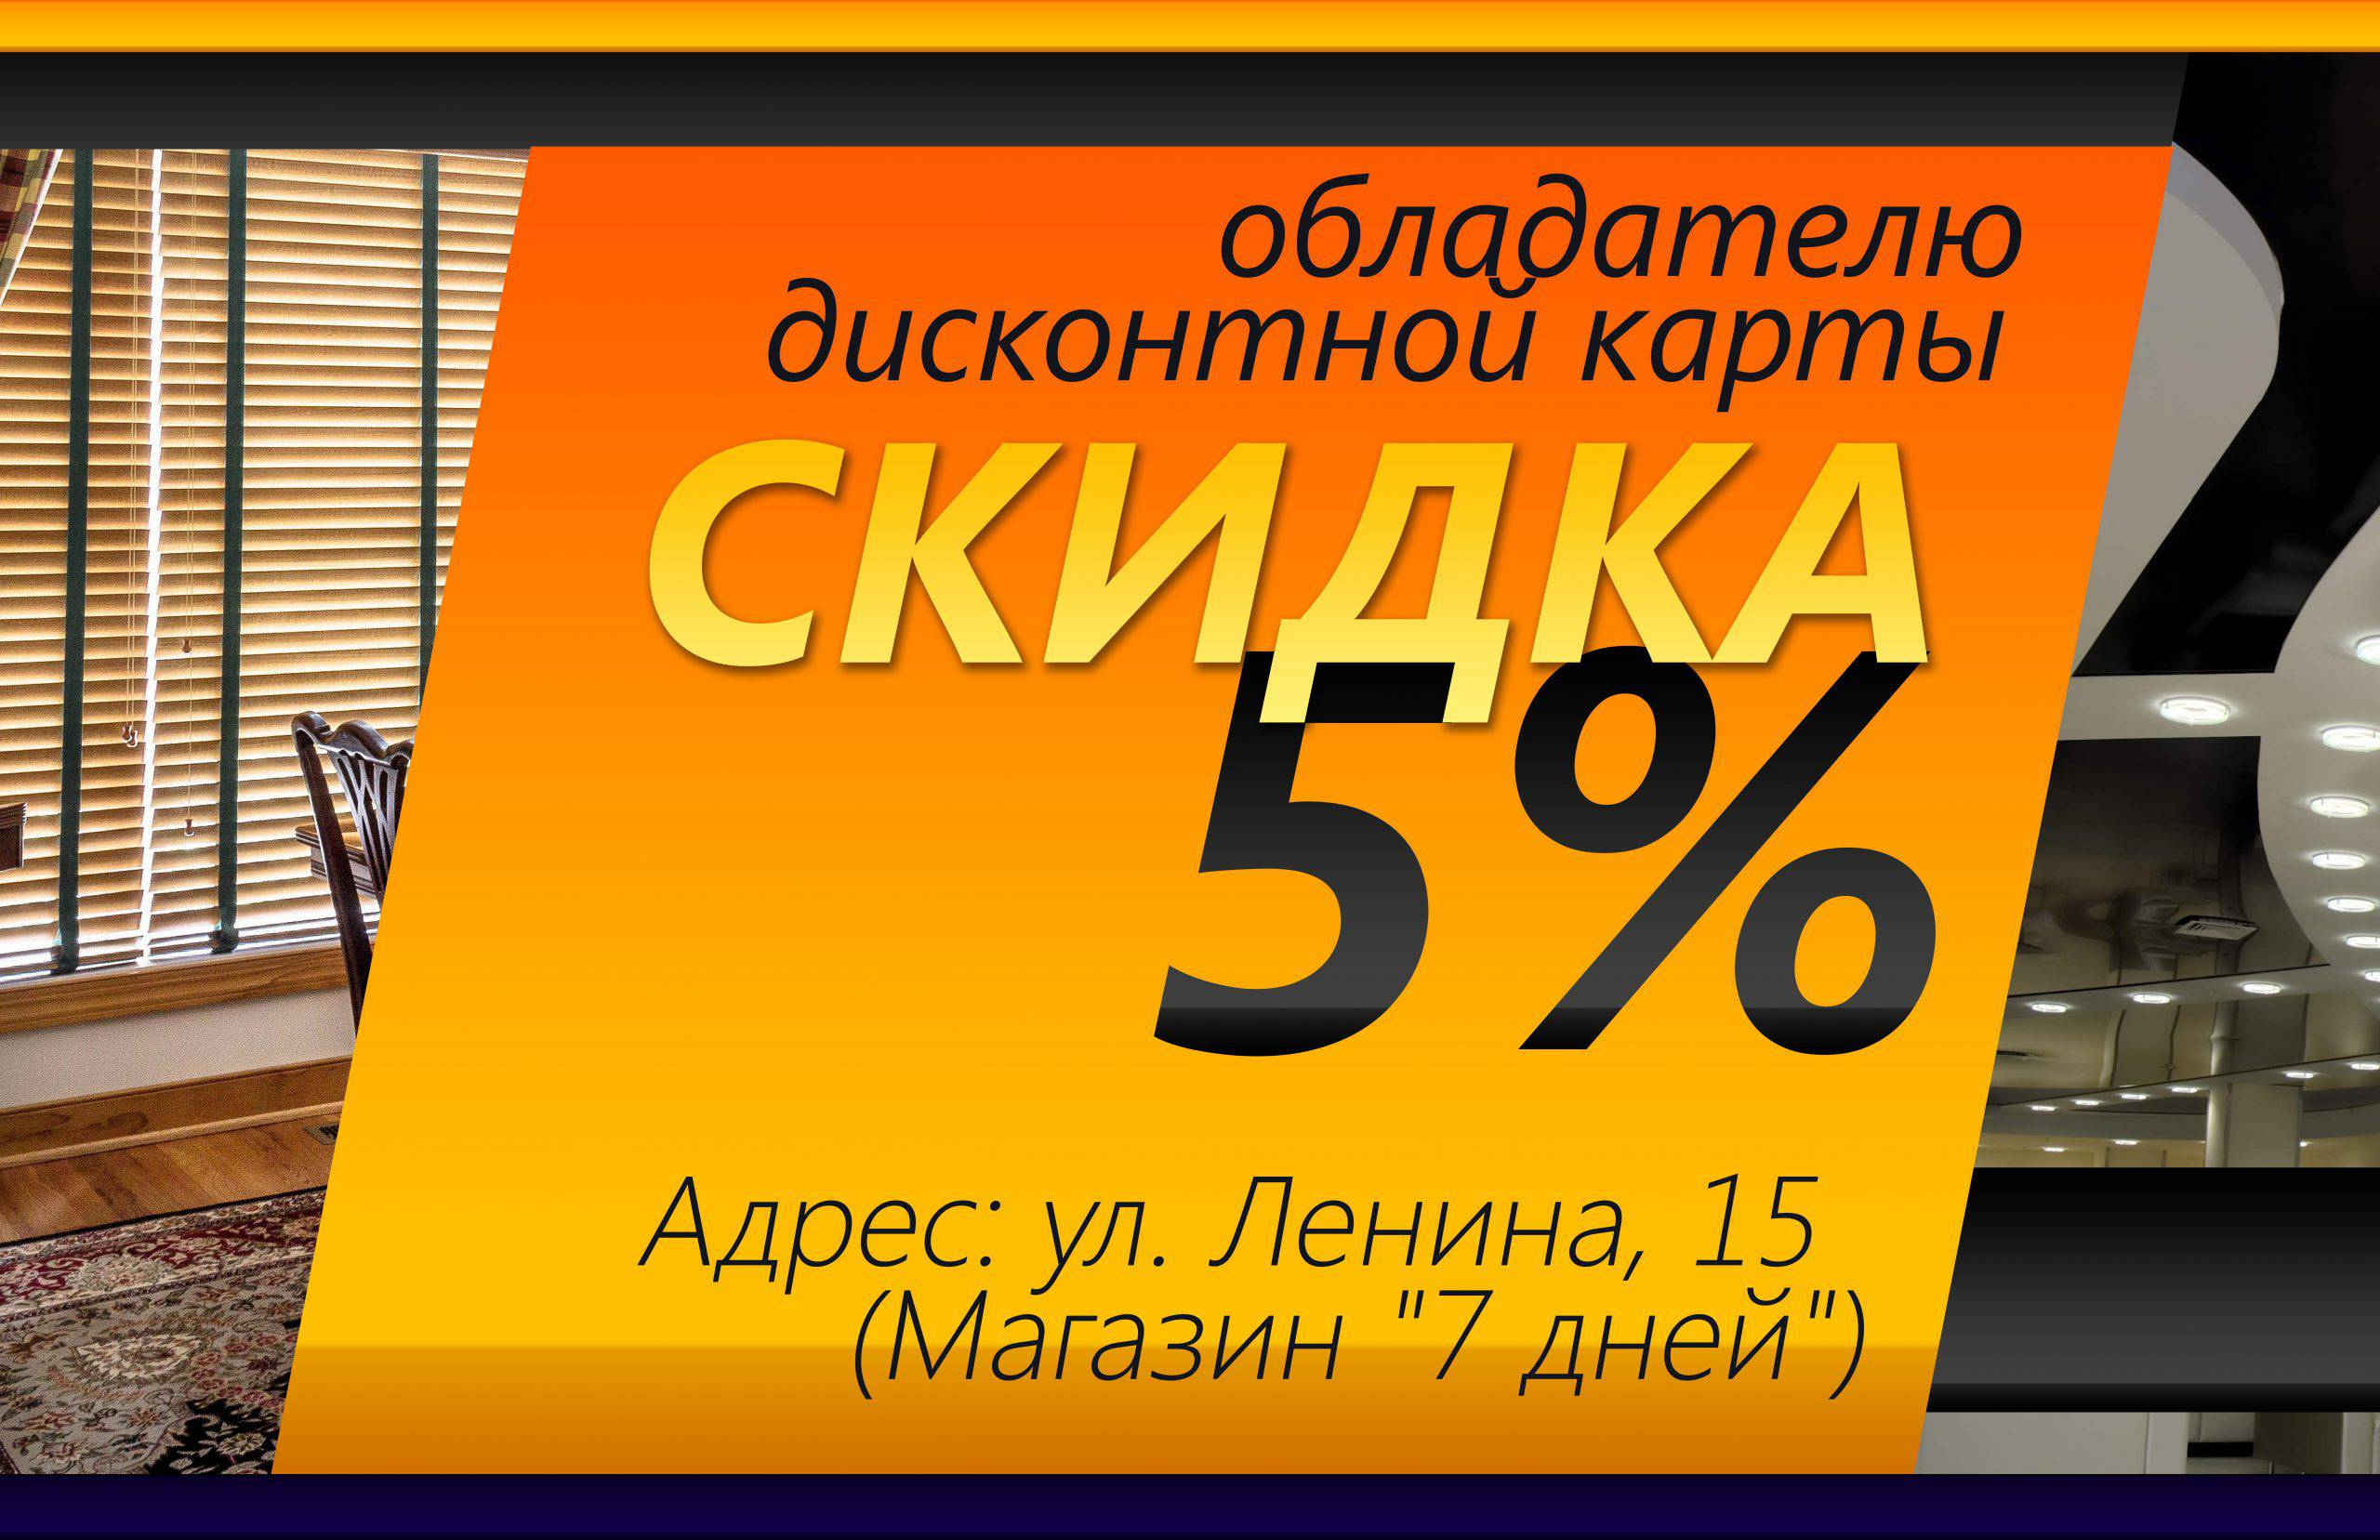 ArtSоюз: Вся реклама